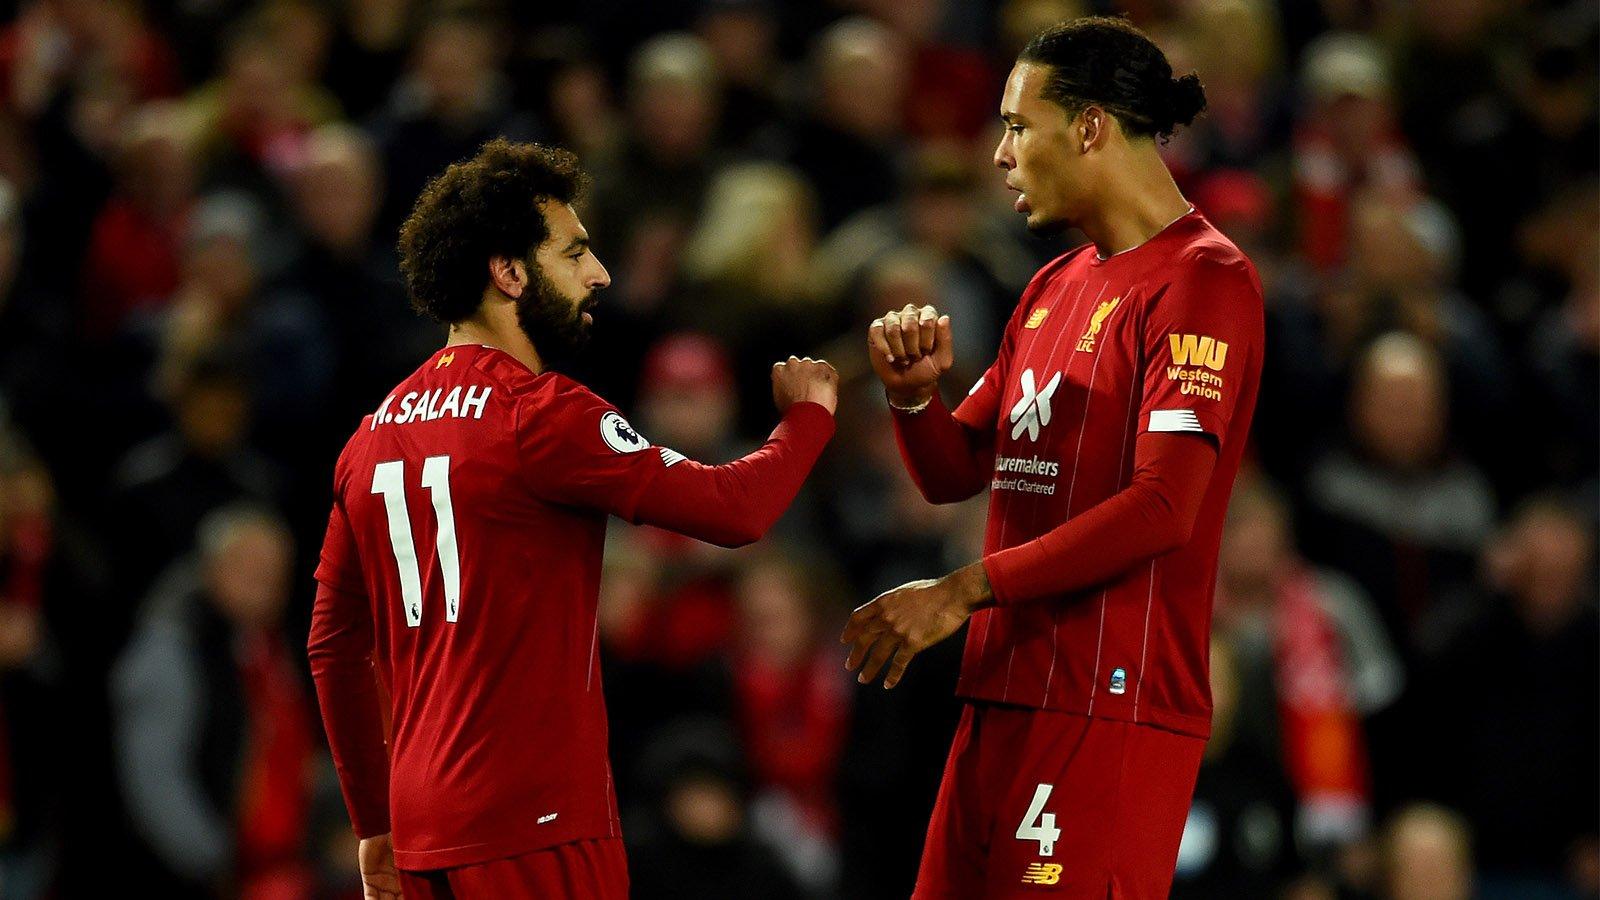 Kết quả bóng đá: Arsenal 1-1 Wolves, Aston Villa 1-2 Liverpool: Liverpool lội ngược dòng kịch tính nhờ bàn thắng phút bù giờ